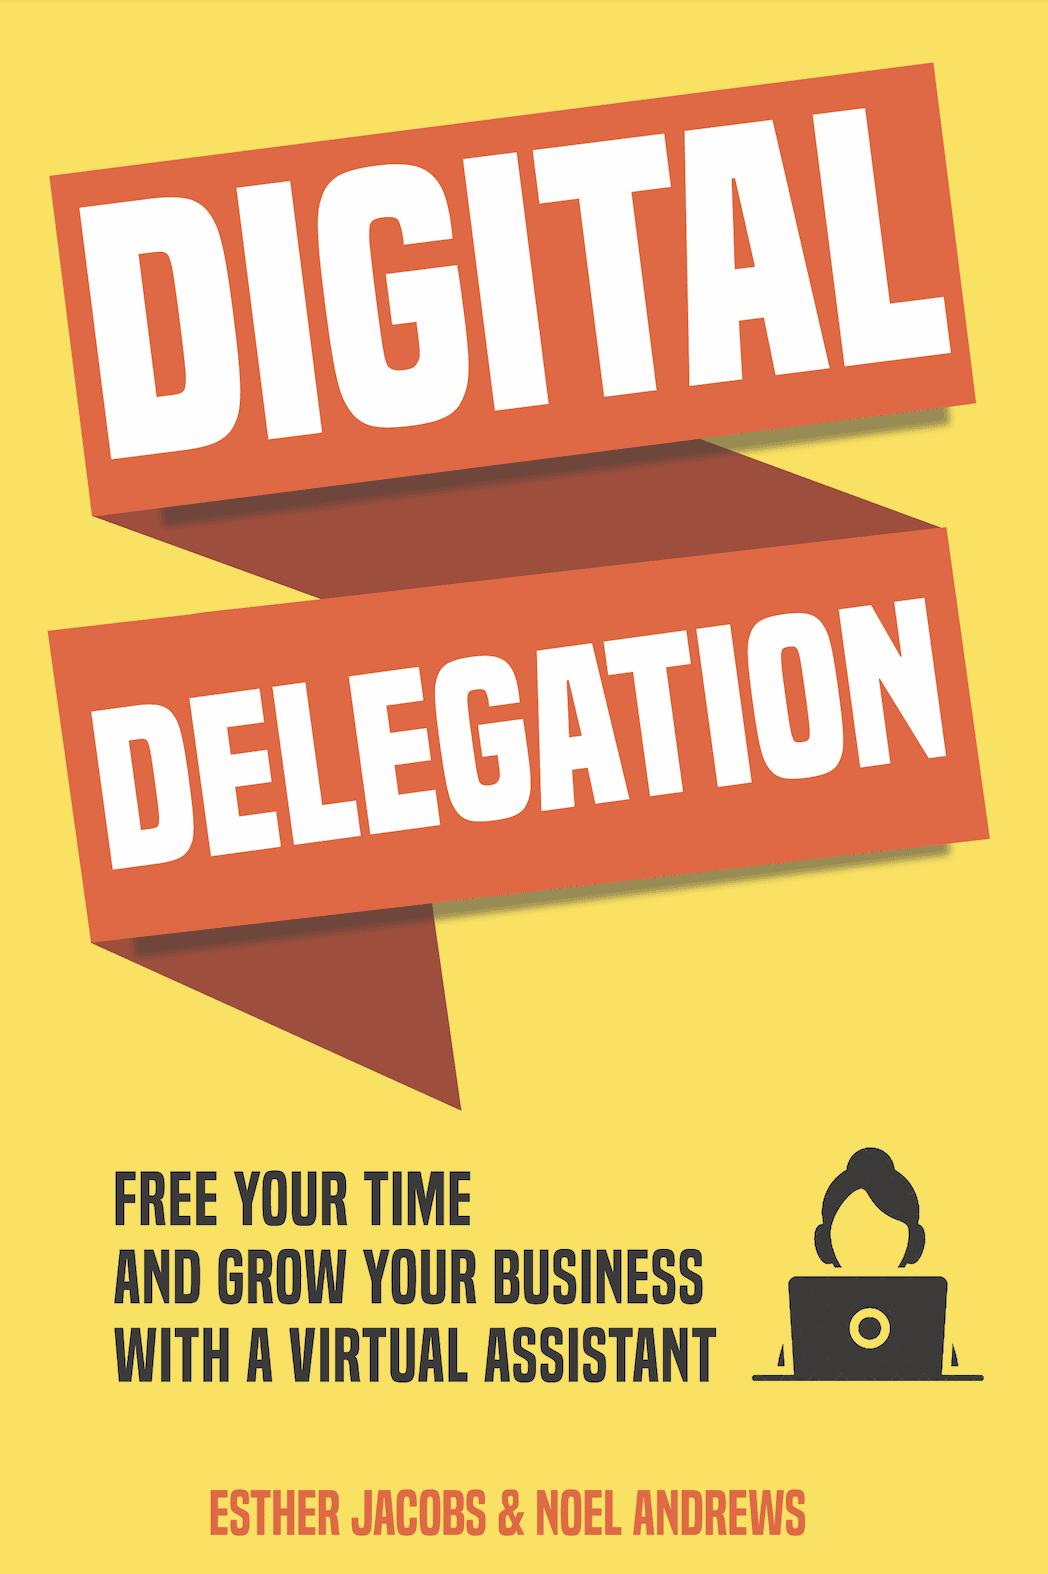 Digital delegation - www.estherjacobs.info